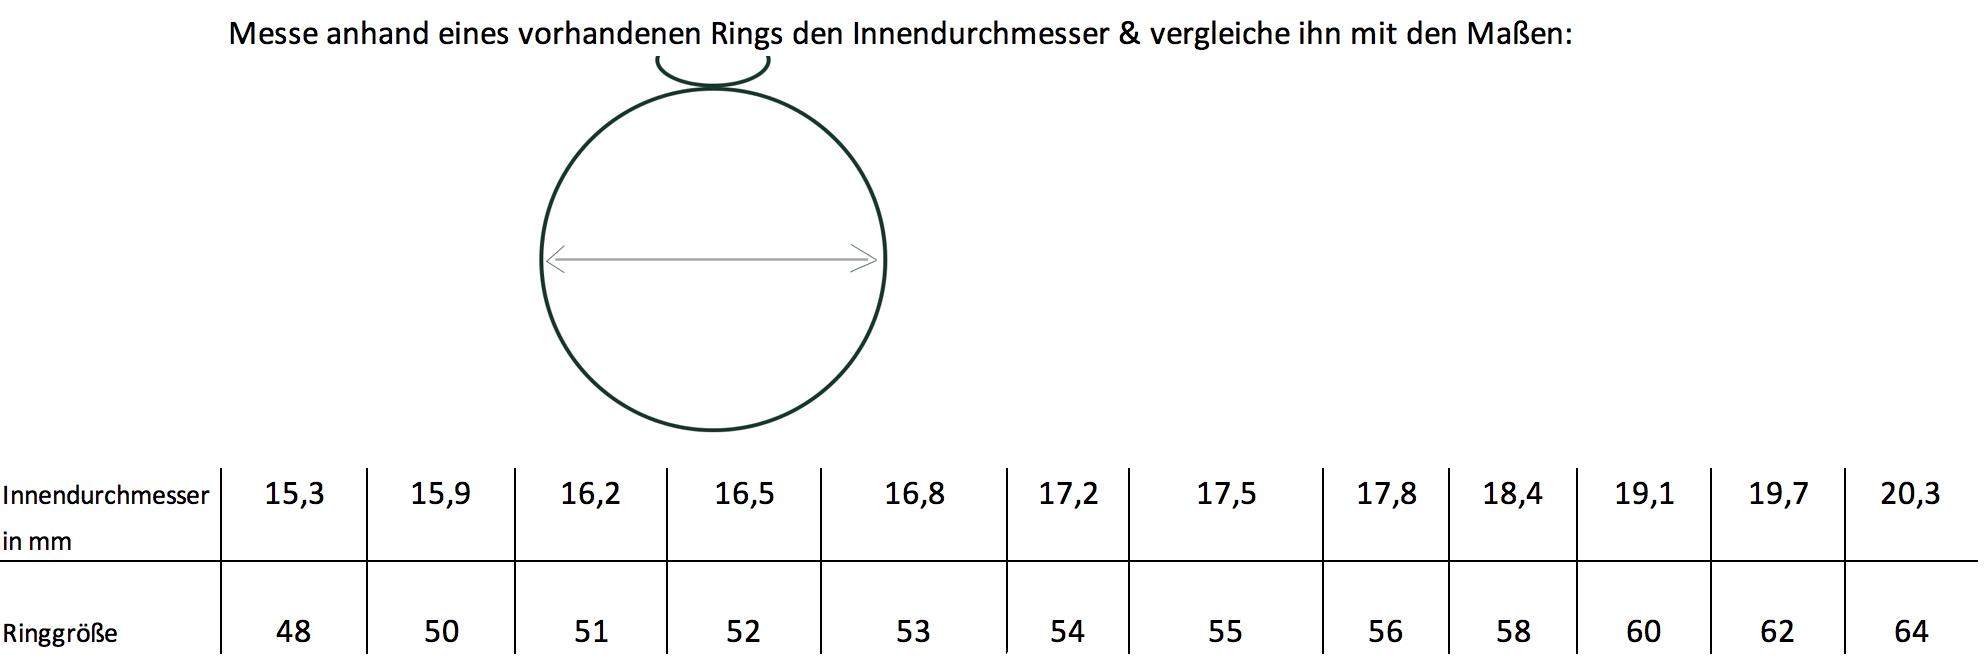 """<p>Benötigen Sie Hilfe bei der Suche nach Ihrer Ringgröße? Kein Problem!</p> <p>Wir helfen Ihnen gerne bei der Suche nach Ihrer Ringgröße. Laden Sie sich dazu unsere <a href=""""https://www.carolinstone.com/media/pdf/ac/34/0b/Gr-ssenleitfaden.pdf"""">PDF-Datei</a> herunter.</p>"""